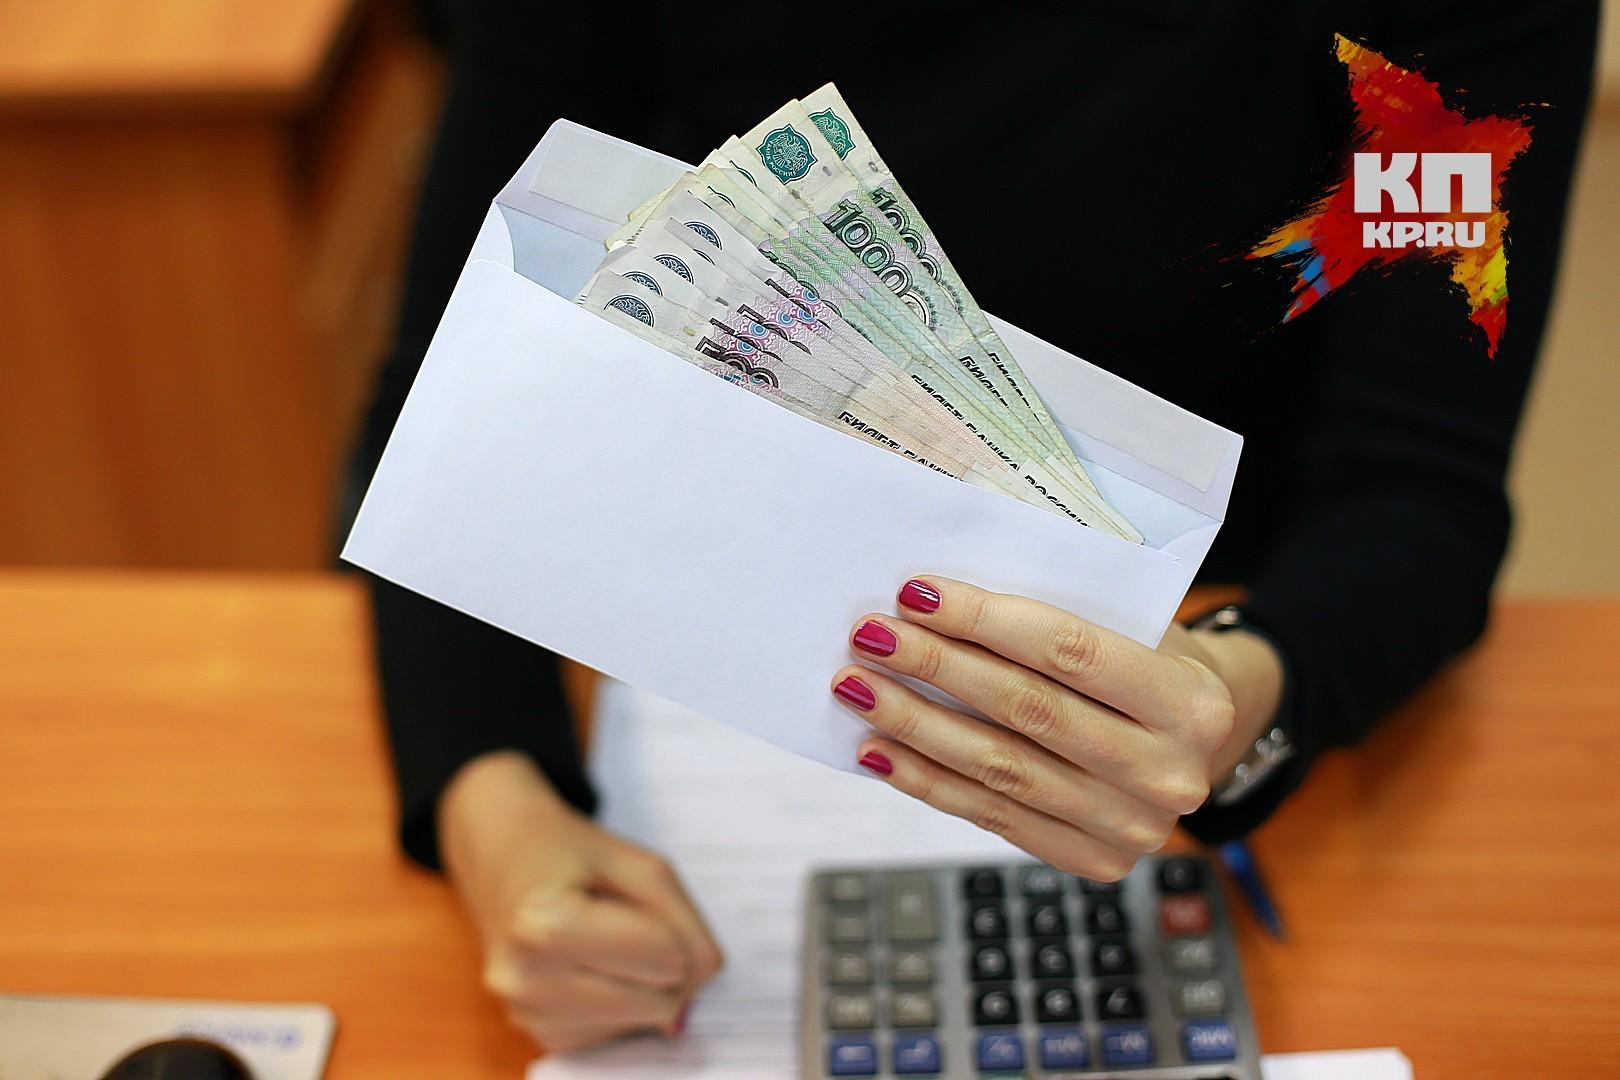 Обвинитель Красноярского края подвел результаты антикоррупционной деятельности загод